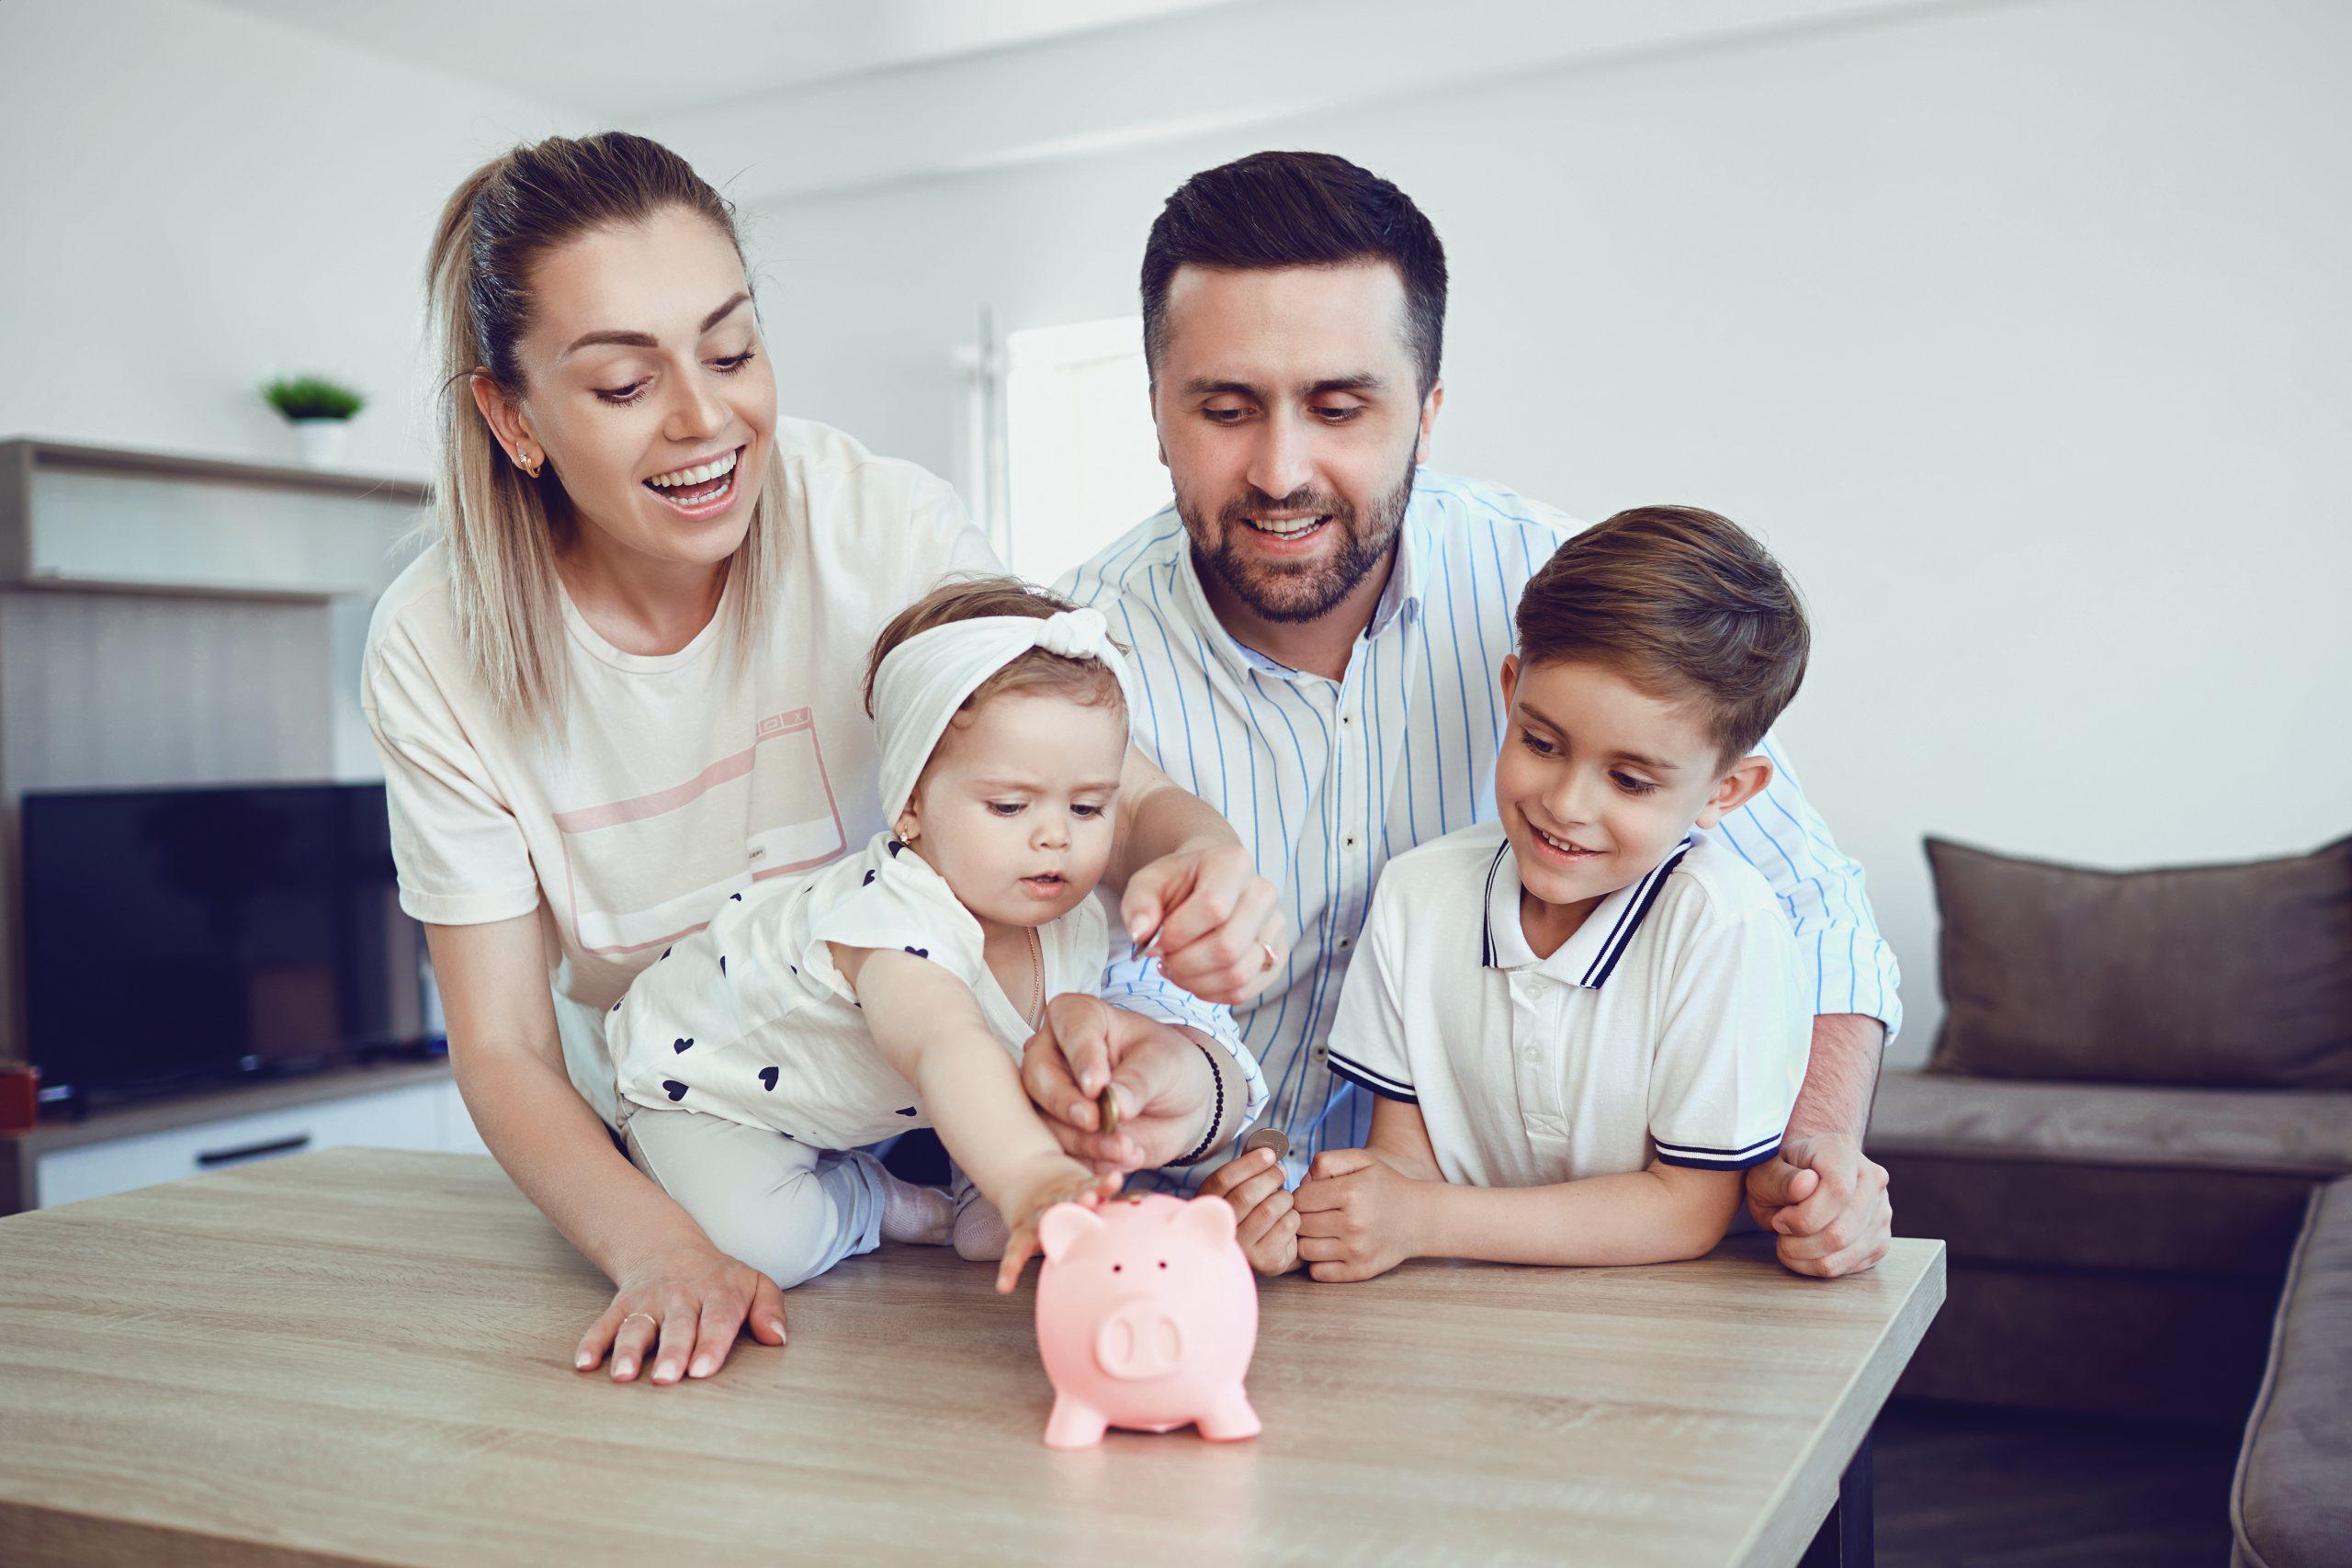 So sánh lãi suất ngân hàng kỳ hạn 1 tháng mới nhất tháng 3/2021 - Ảnh 1.